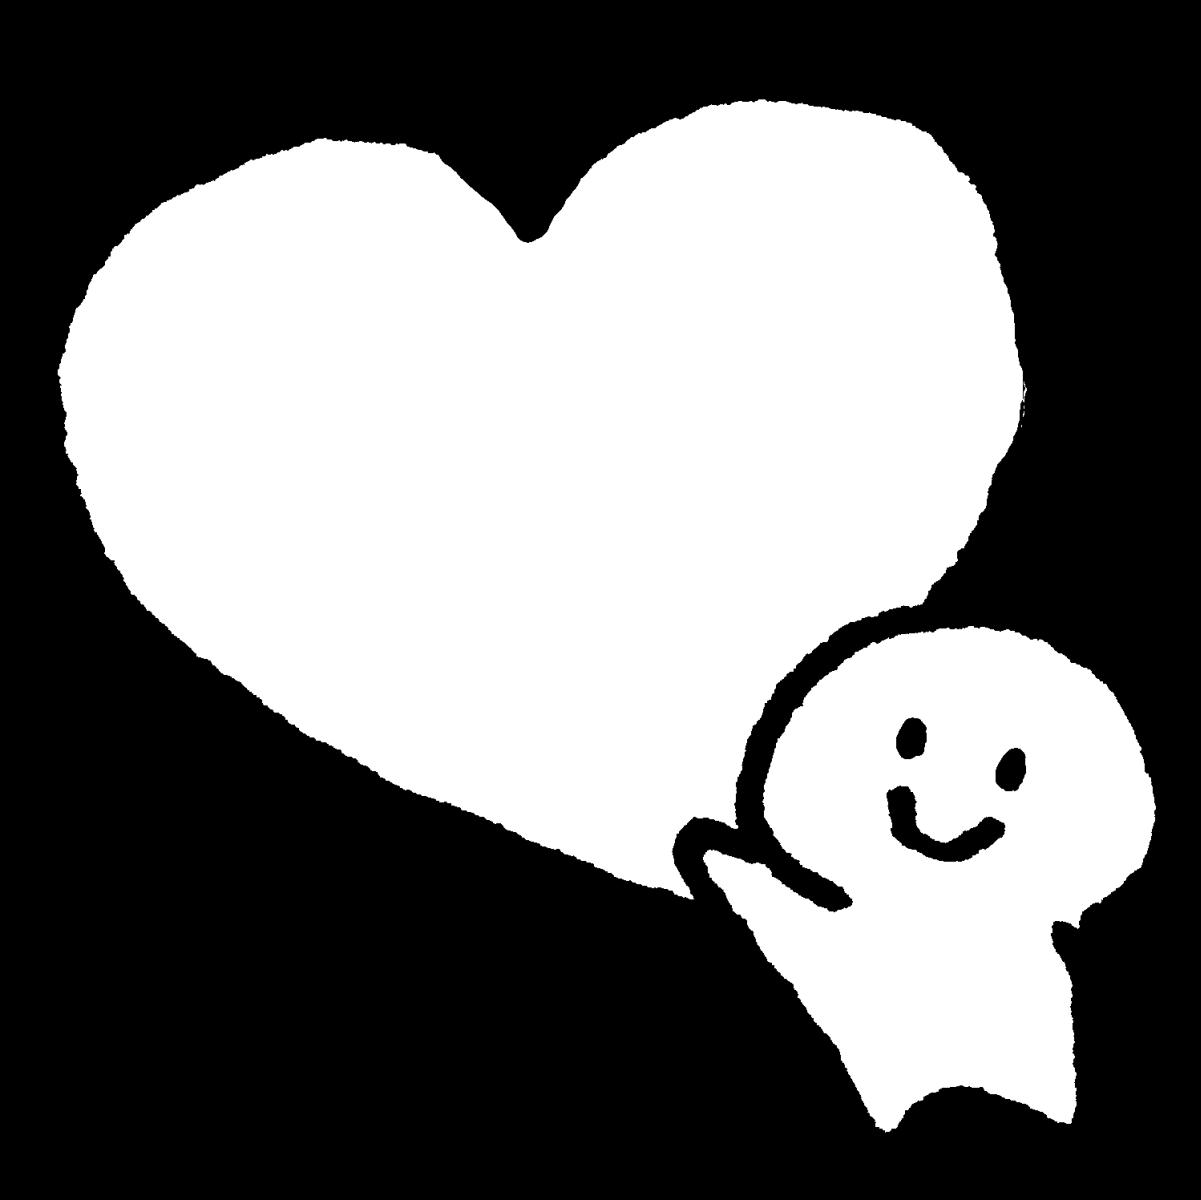 ハートを持ち上げるのイラスト / Lift the heart Illustration